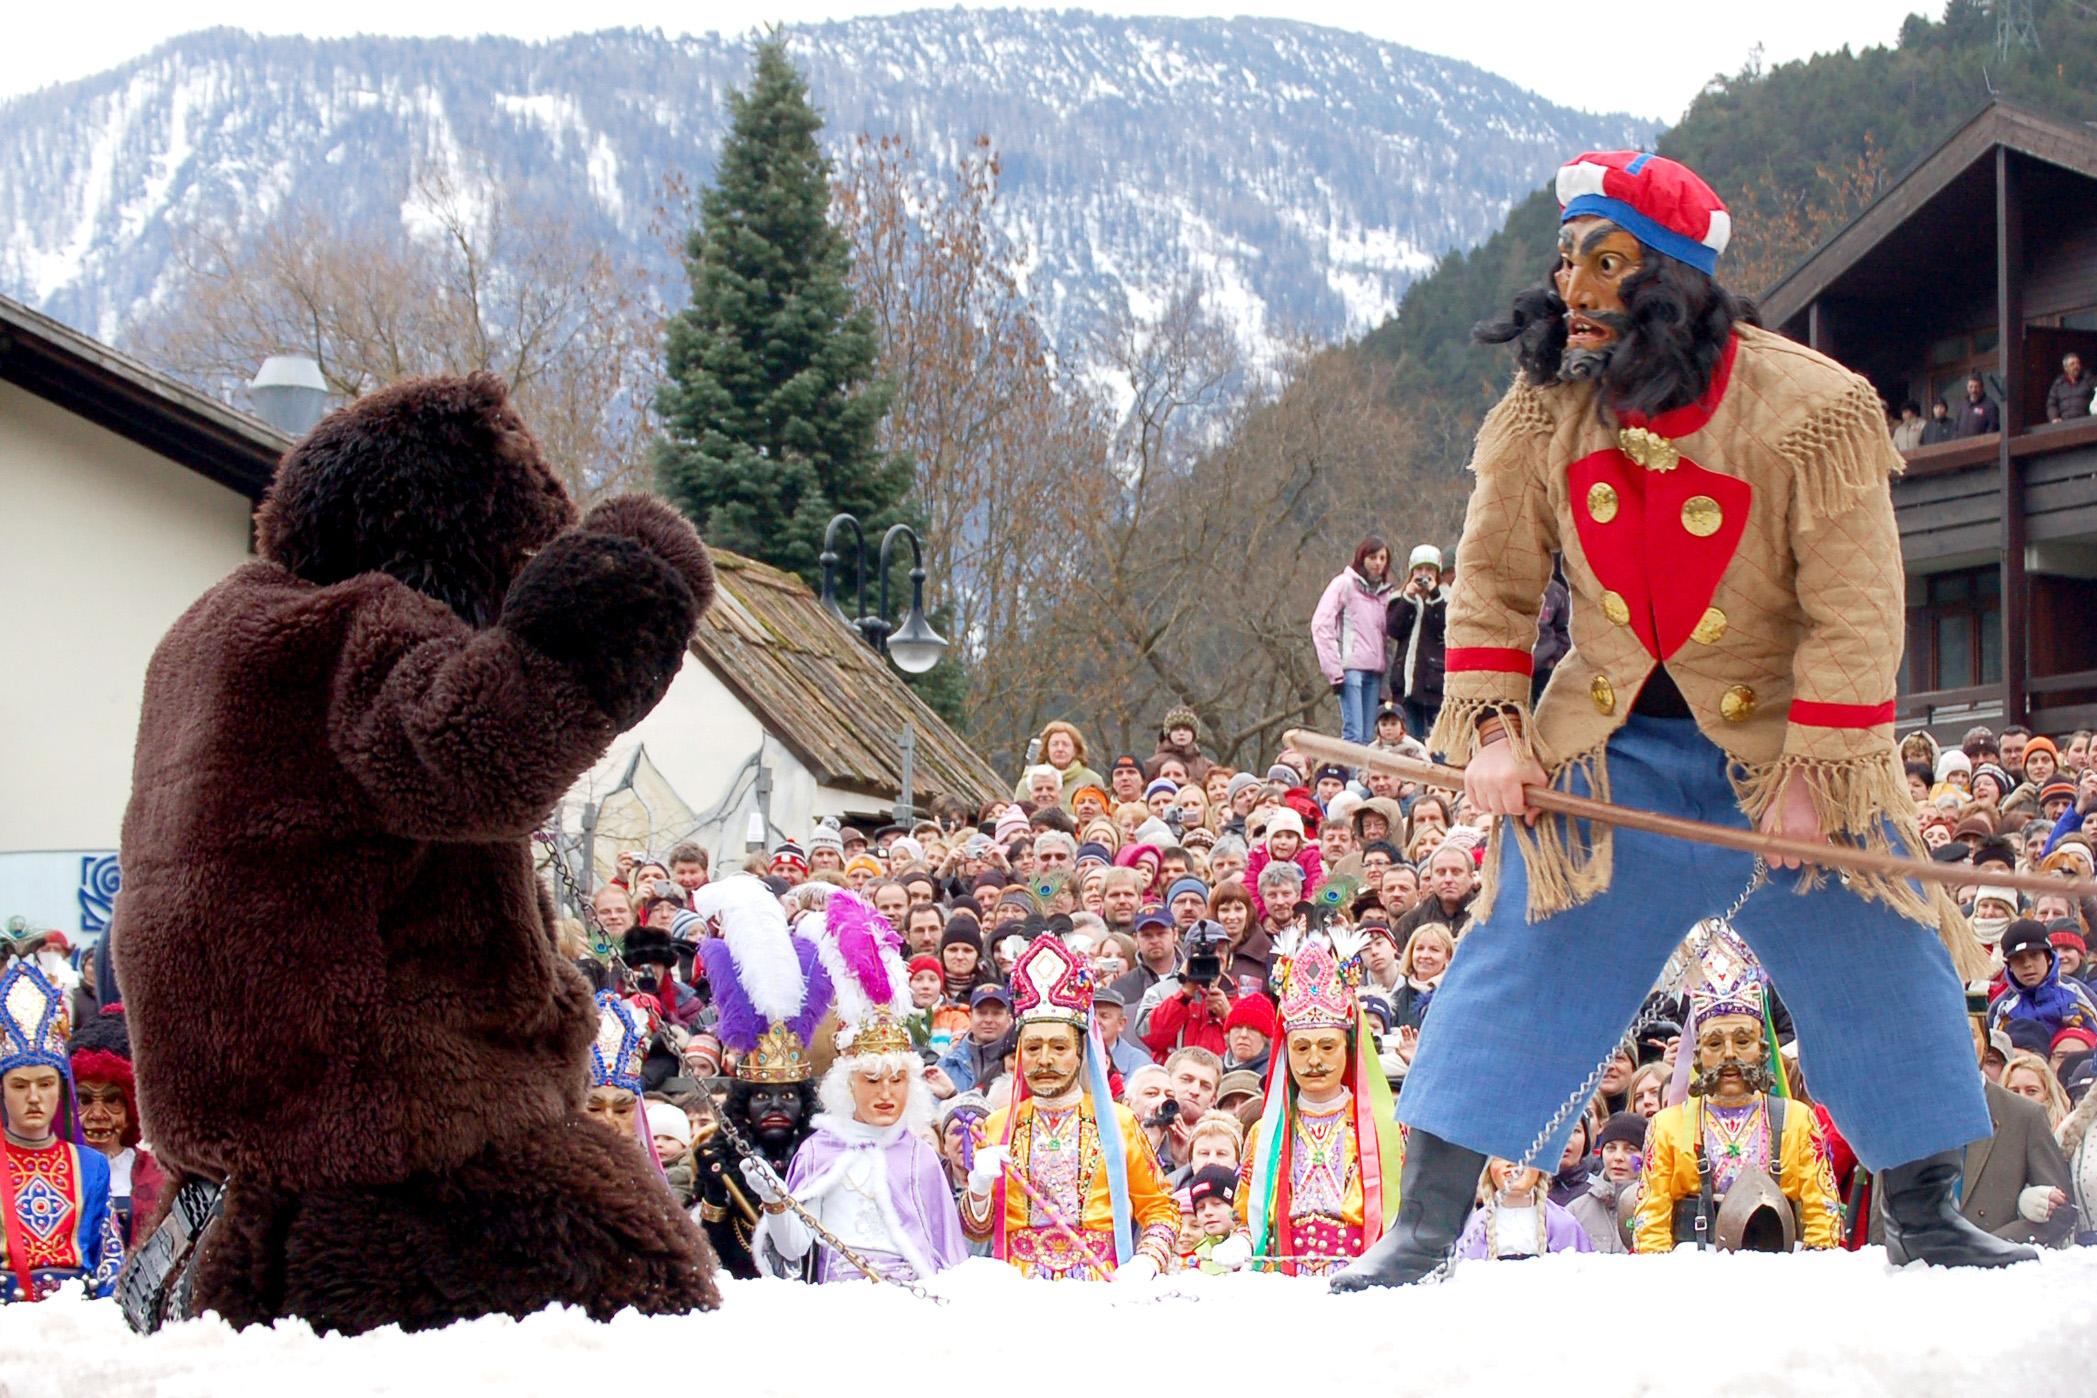 Carnevale in Tirolo